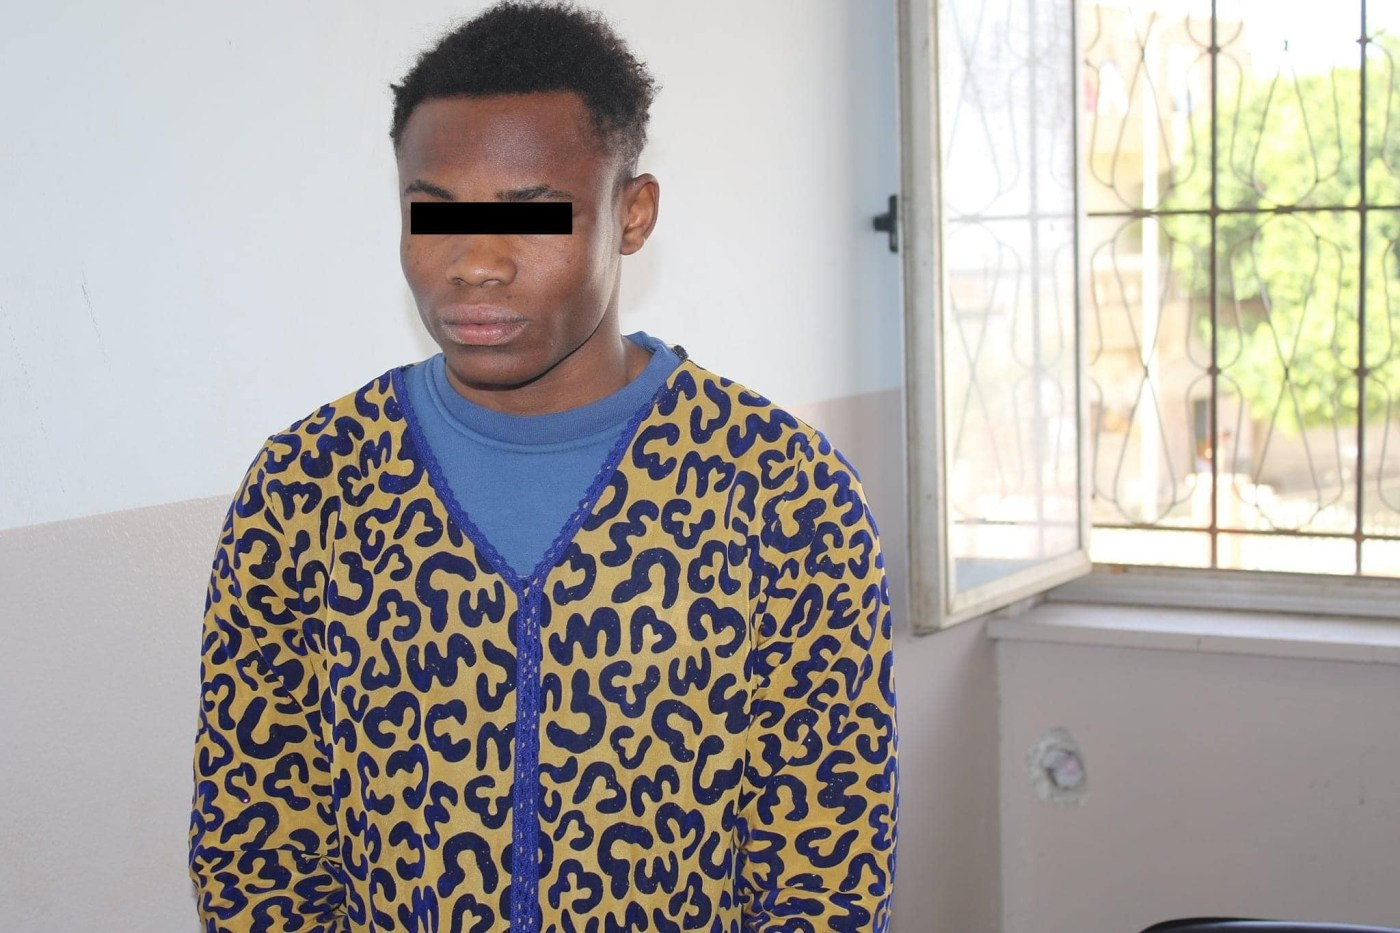 Un Nigérian se déguise en femme pour s'échapper après avoir prétendument tué un autre étranger en Libye